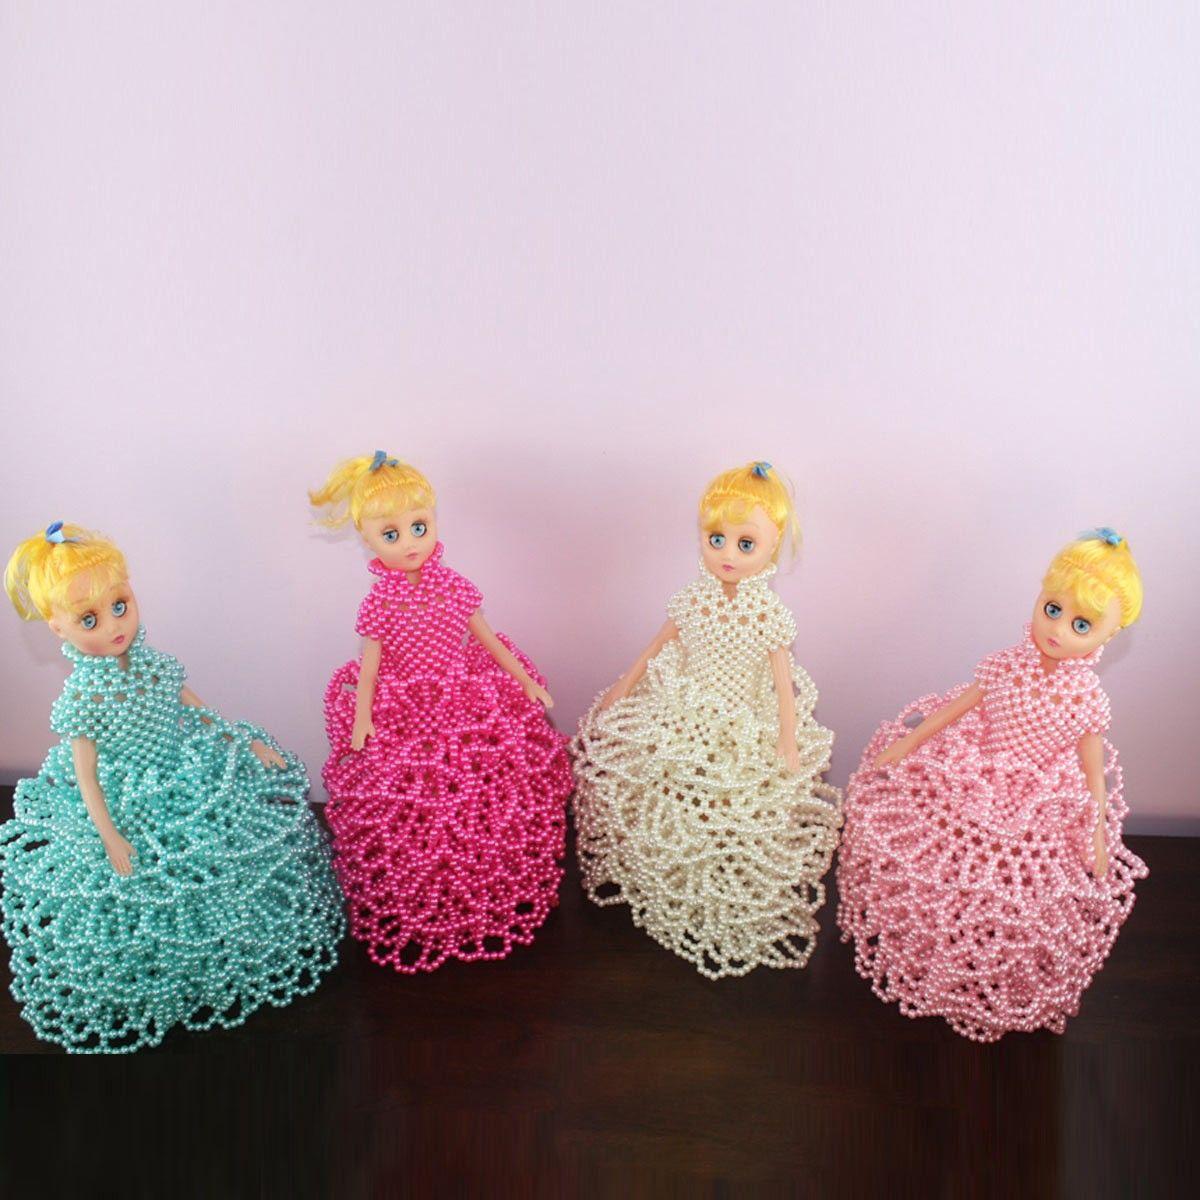 Oeuvre artisanale en perle/Forme Poupée Barbie Fantaisie (DK-CZ13)